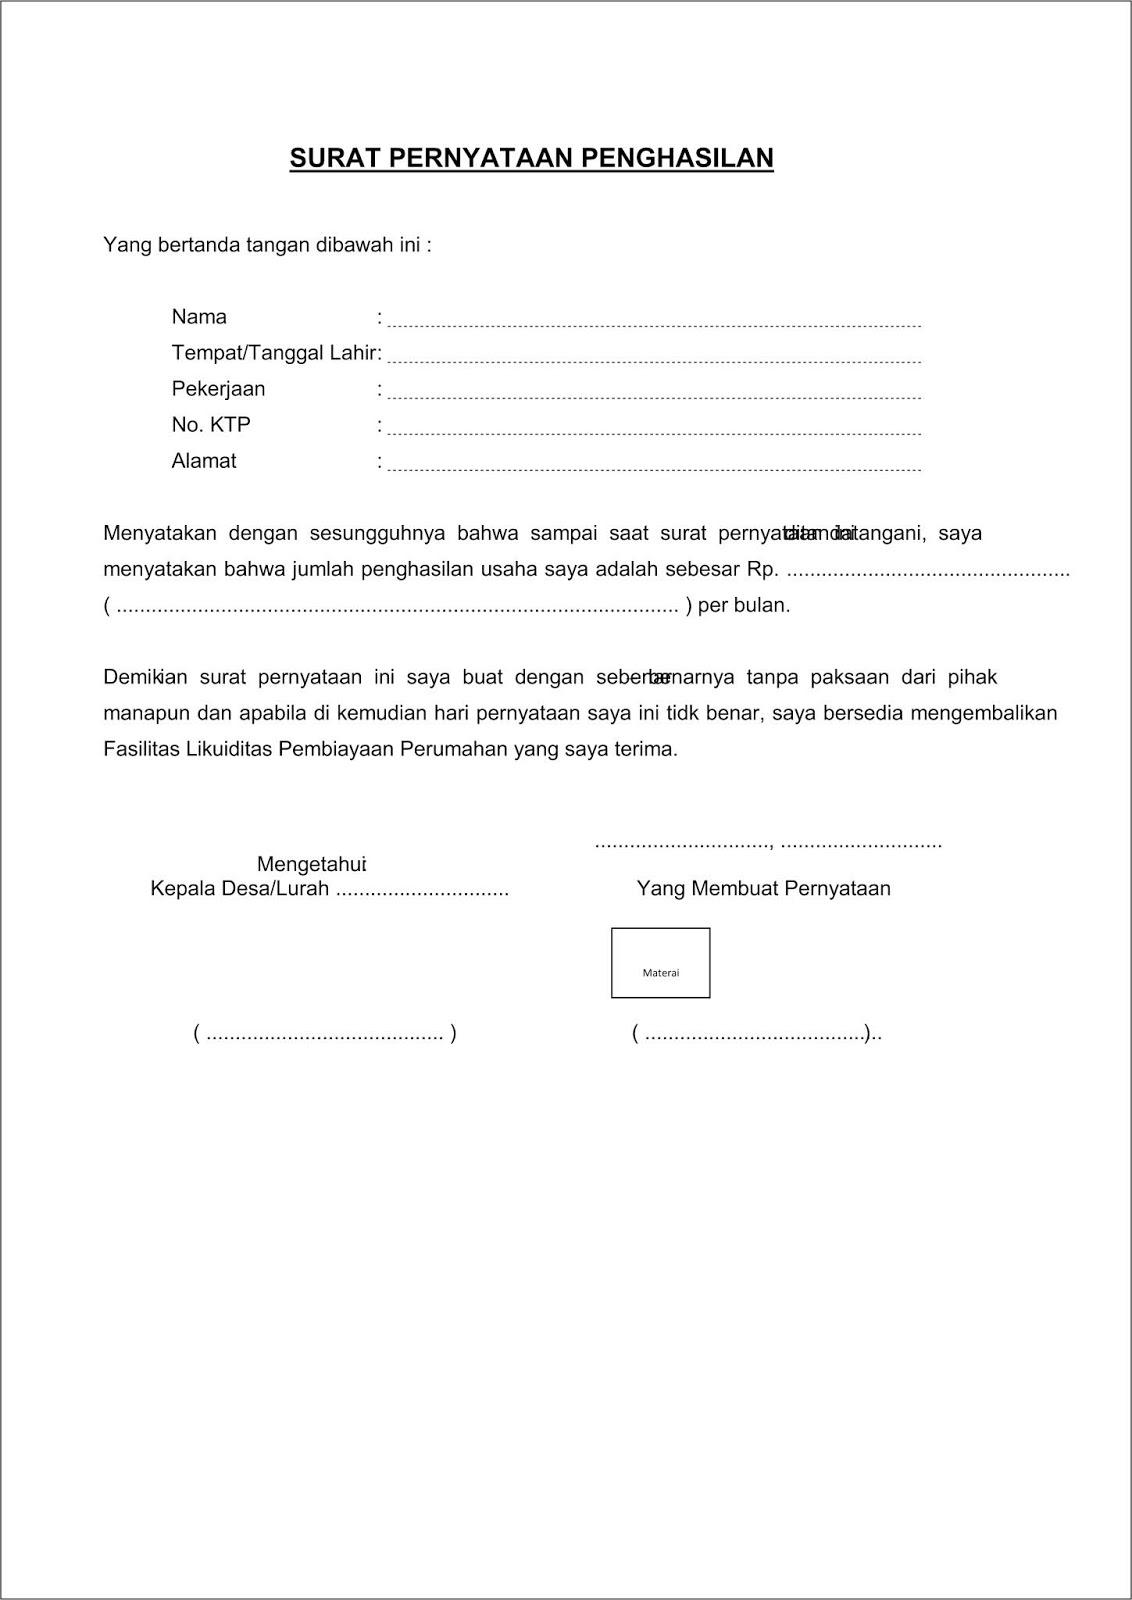 Contoh Surat Keterangan Pindah Penduduk Dari Kepala Desa Doc Kumpulan Surat Penting